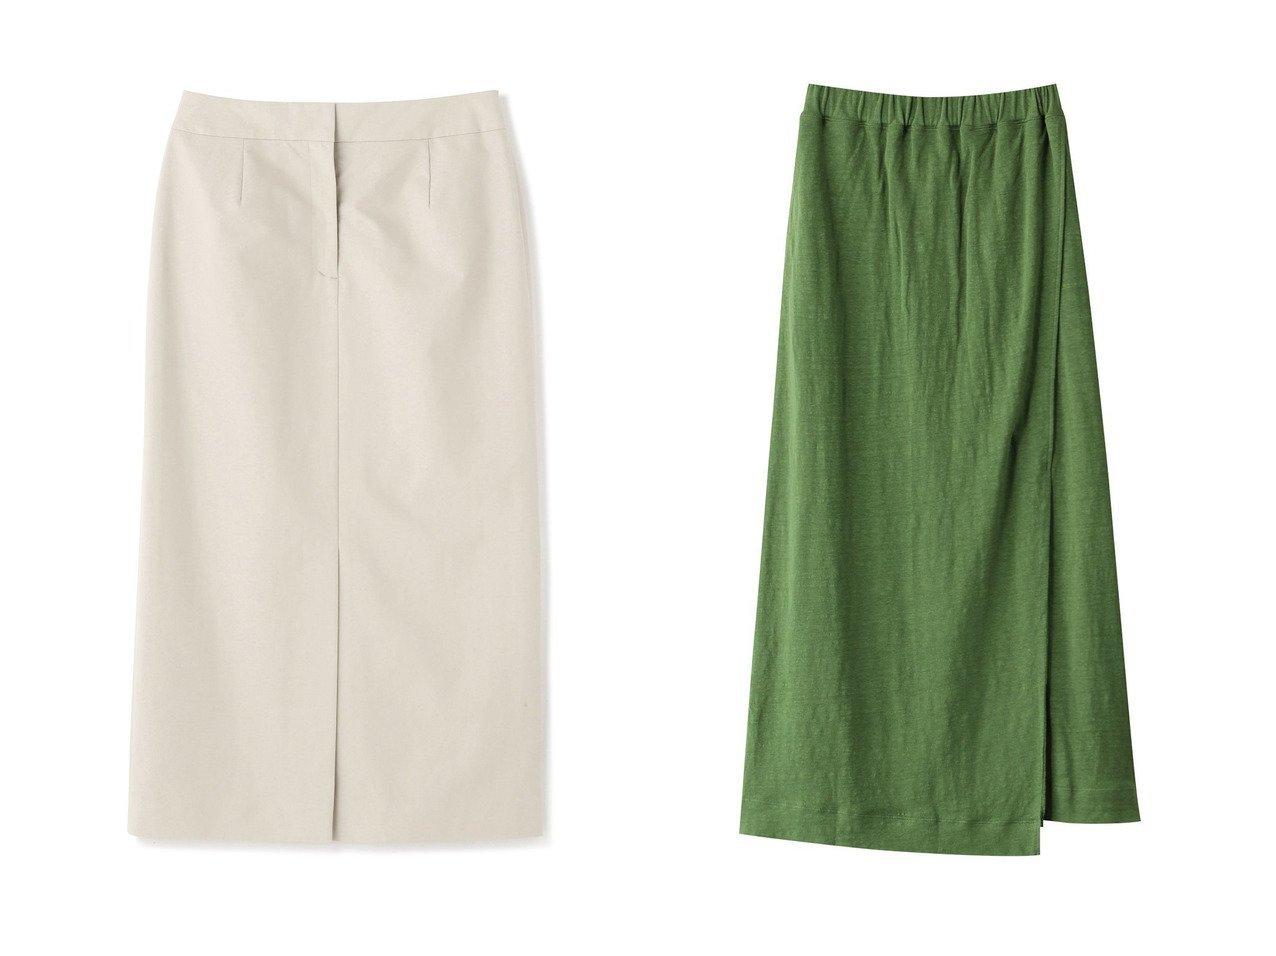 【unfil/アンフィル】のフレンチリネンジャージーロングスカート&【ADORE/アドーア】のプレゼントタイプライタースカート 【スカート】おすすめ!人気、トレンド・レディースファッションの通販  おすすめで人気の流行・トレンド、ファッションの通販商品 メンズファッション・キッズファッション・インテリア・家具・レディースファッション・服の通販 founy(ファニー) https://founy.com/ ファッション Fashion レディースファッション WOMEN スカート Skirt ロングスカート Long Skirt おすすめ Recommend ジャケット スリット セットアップ タイプライター フロント ポケット ロング |ID:crp329100000038314